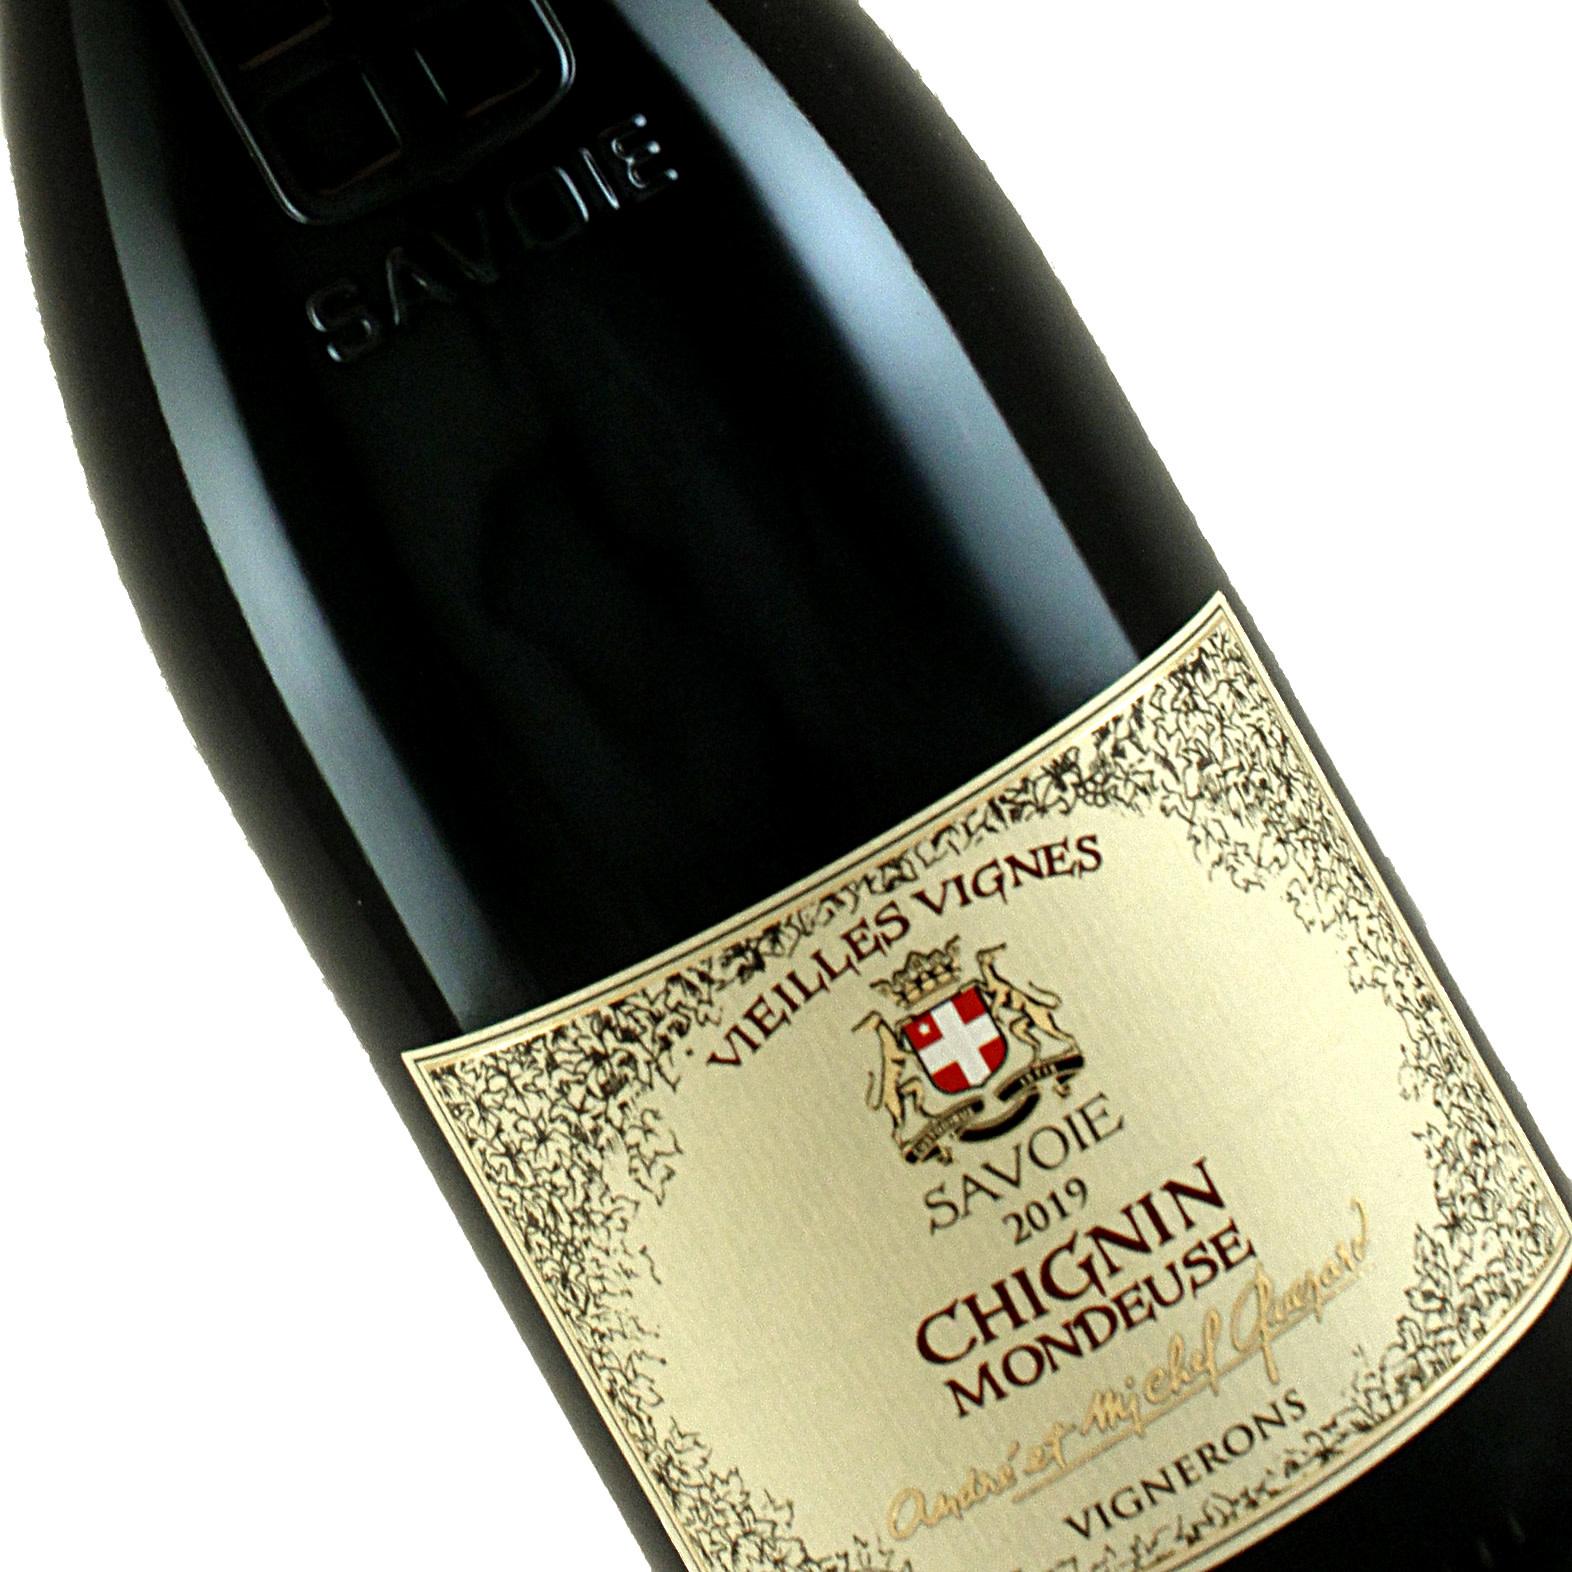 Quenard 2019 Chignin Mondeuse Red Savoie Wine